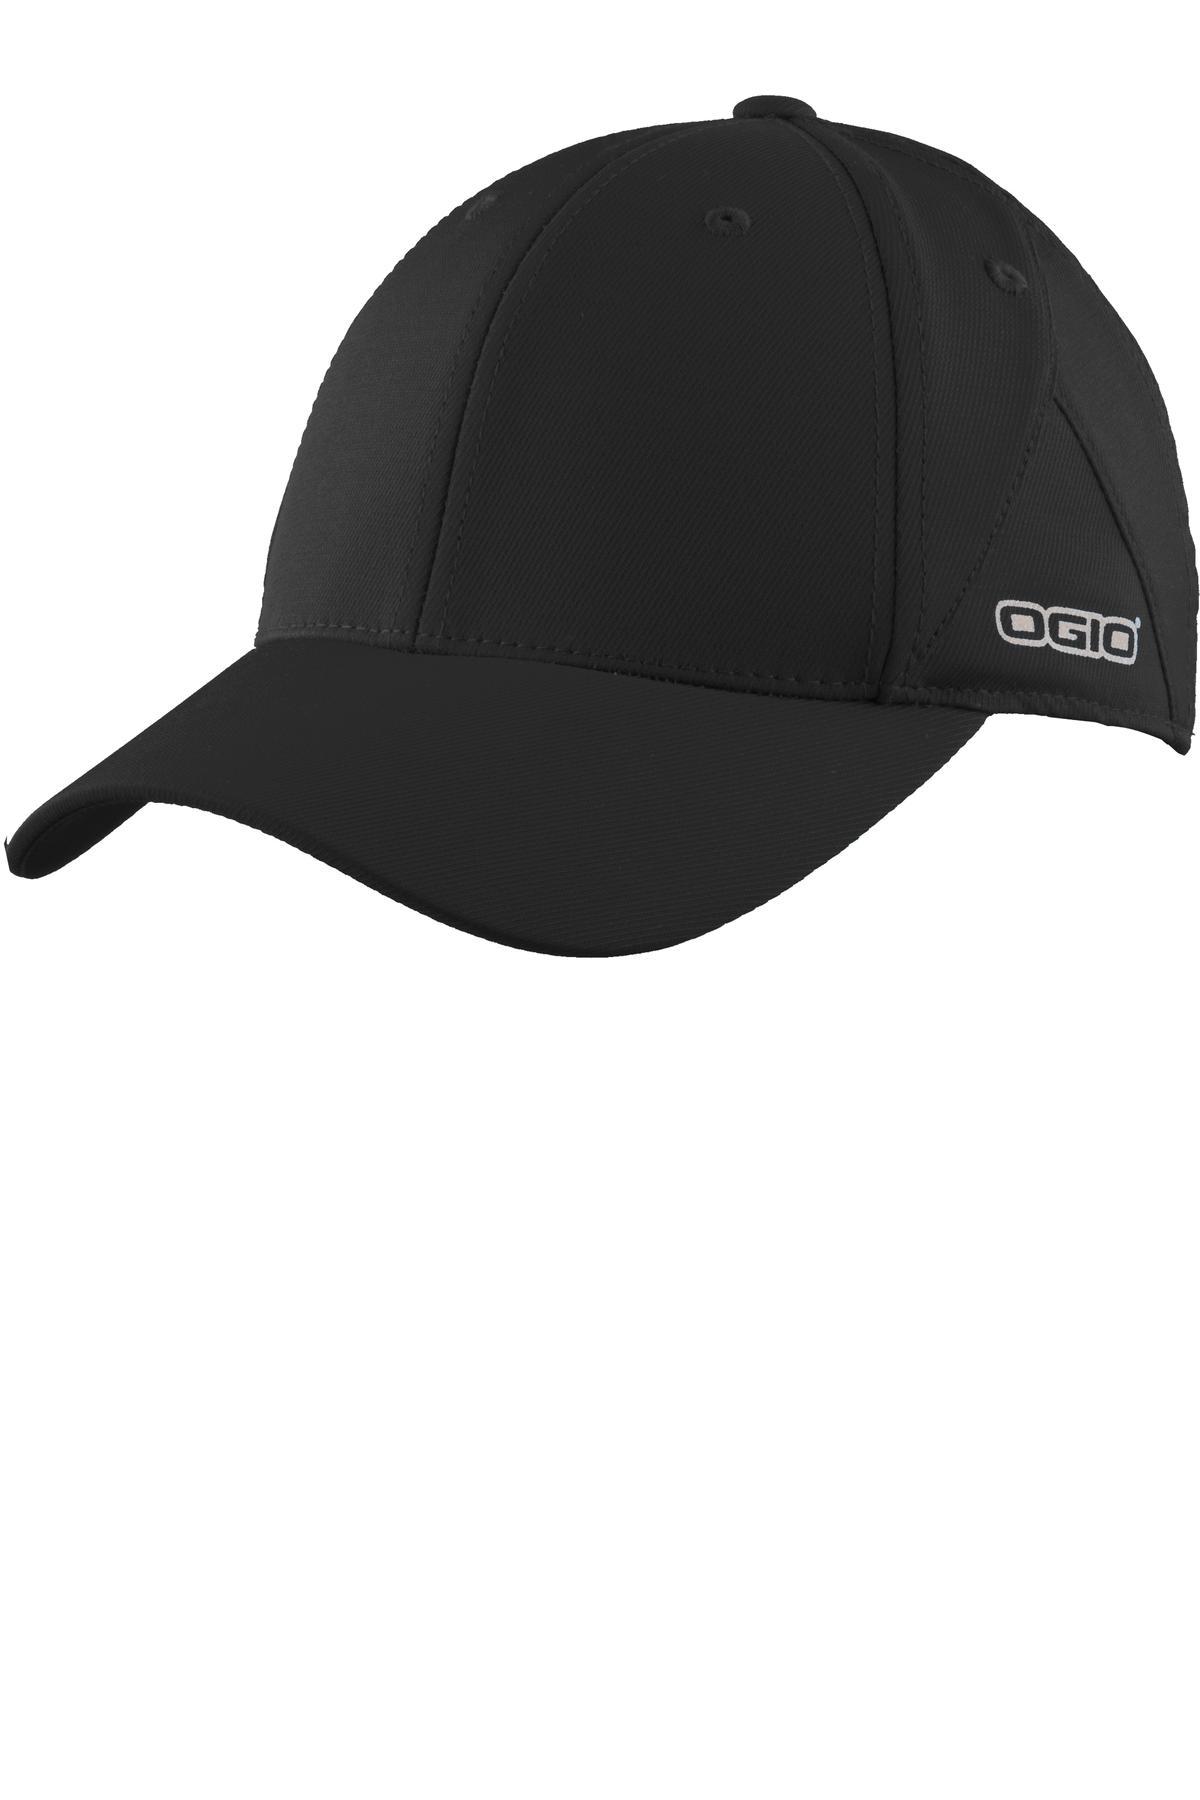 OGIO® OE650 - ENDURANCE Apex Cap